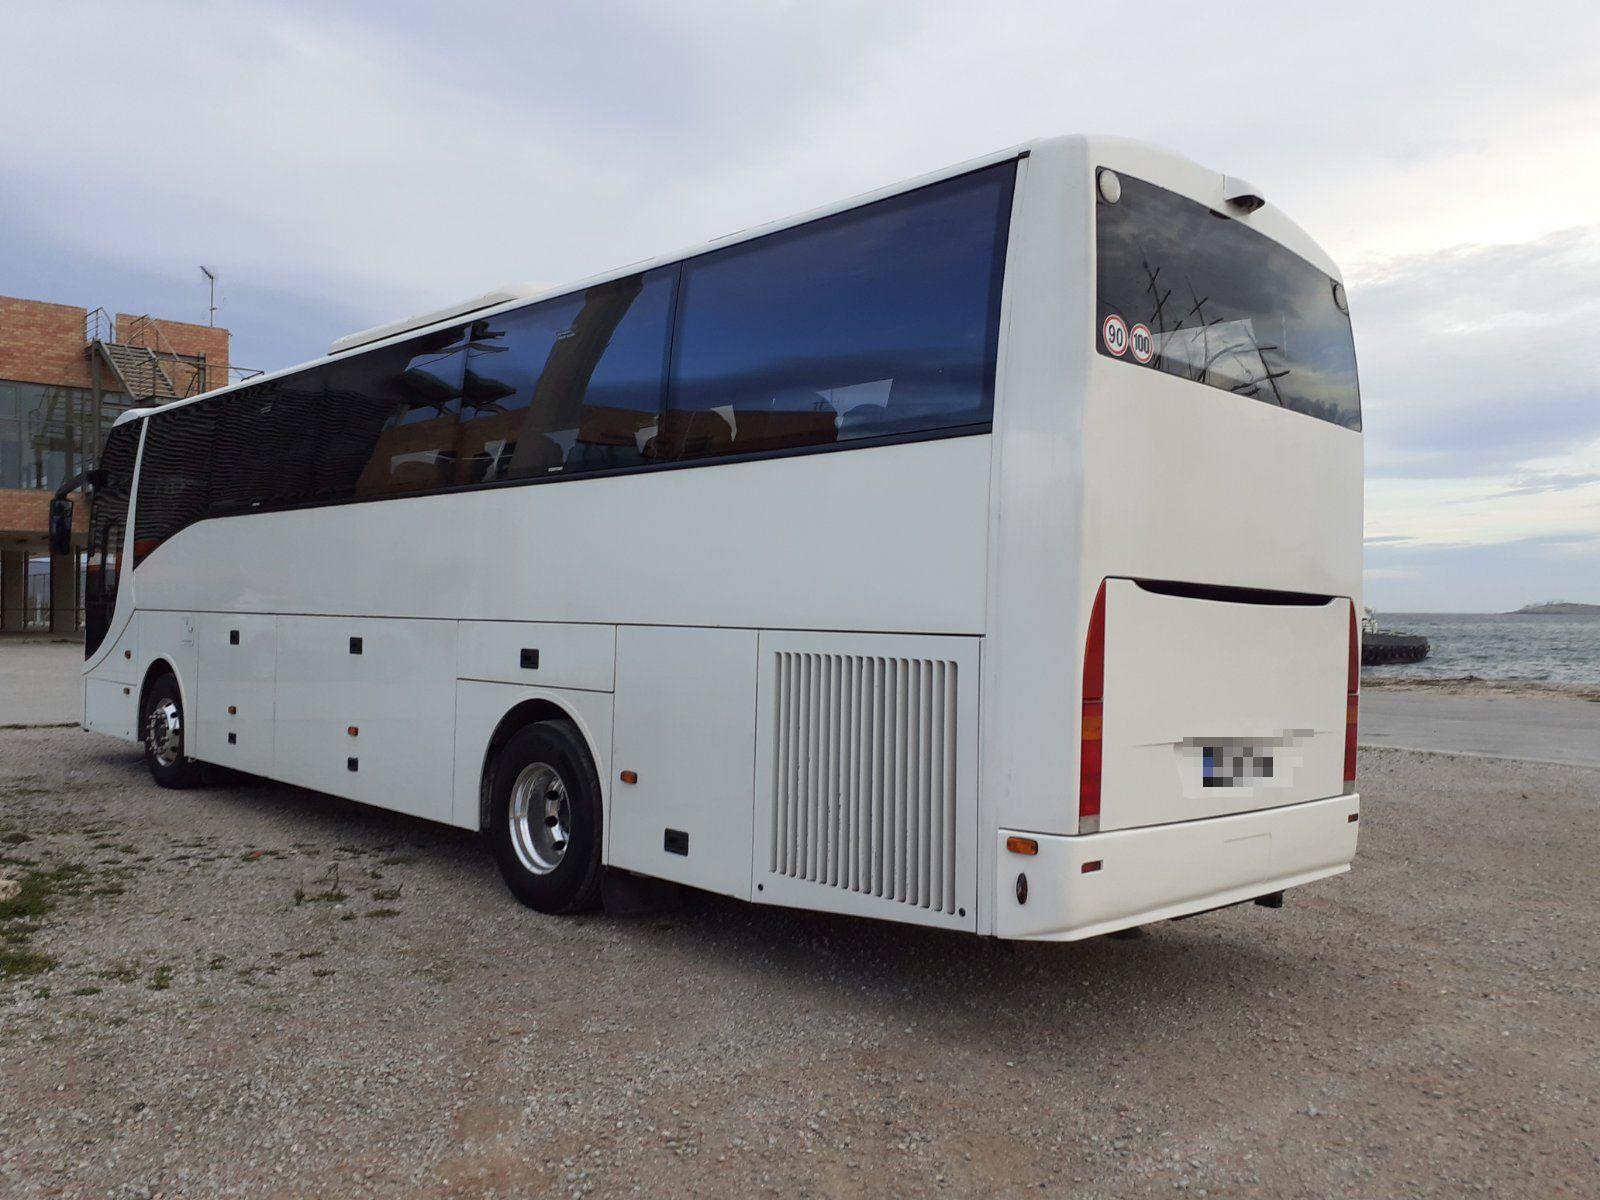 Πιάστηκε κύκλωμα διακίνησης μεταναστών στην Αττική – Μετέφεραν 31 αλλοδαπούς με λεωφορείο